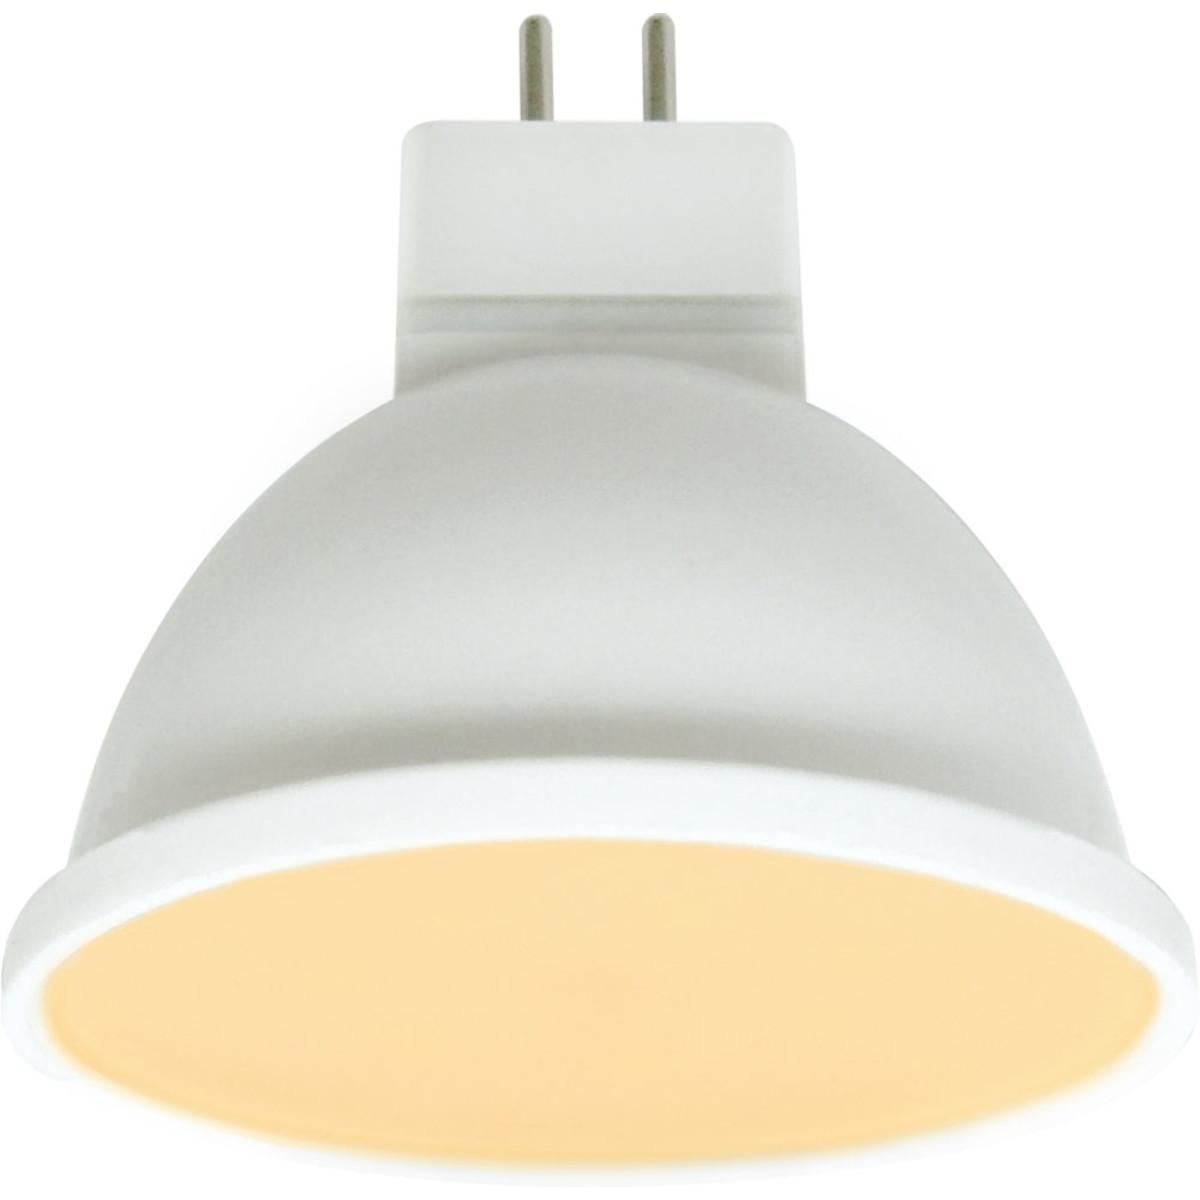 Лампа Ecola Premium светодионая GU5.3 8 Вт рефлекторная 640 Лм теплый свет